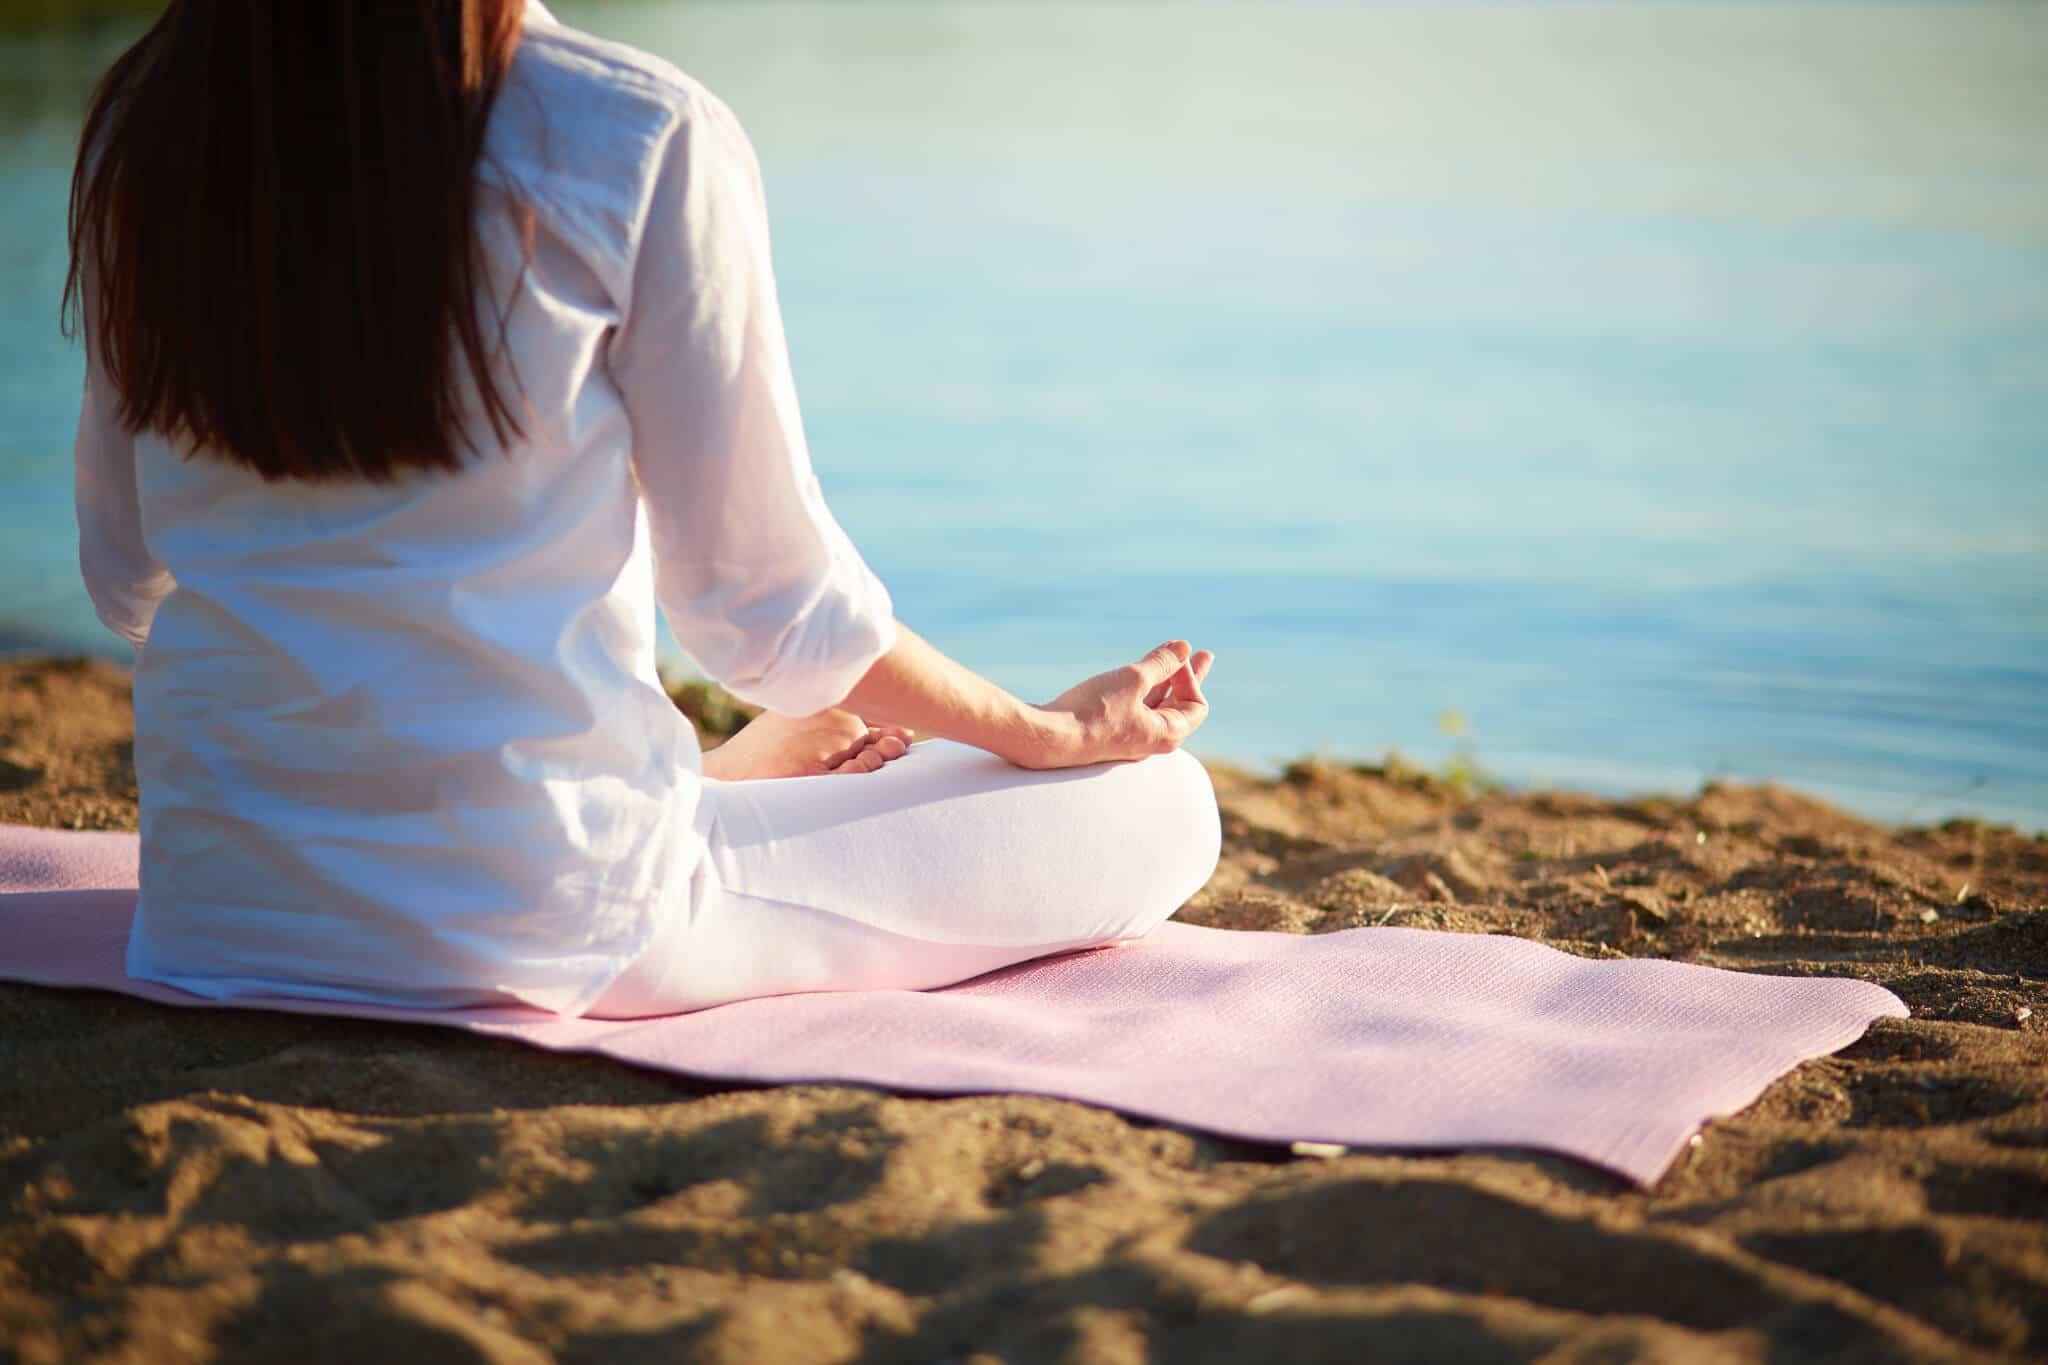 «Mientras tanto»: Falsa modestia y ambición espiritual real